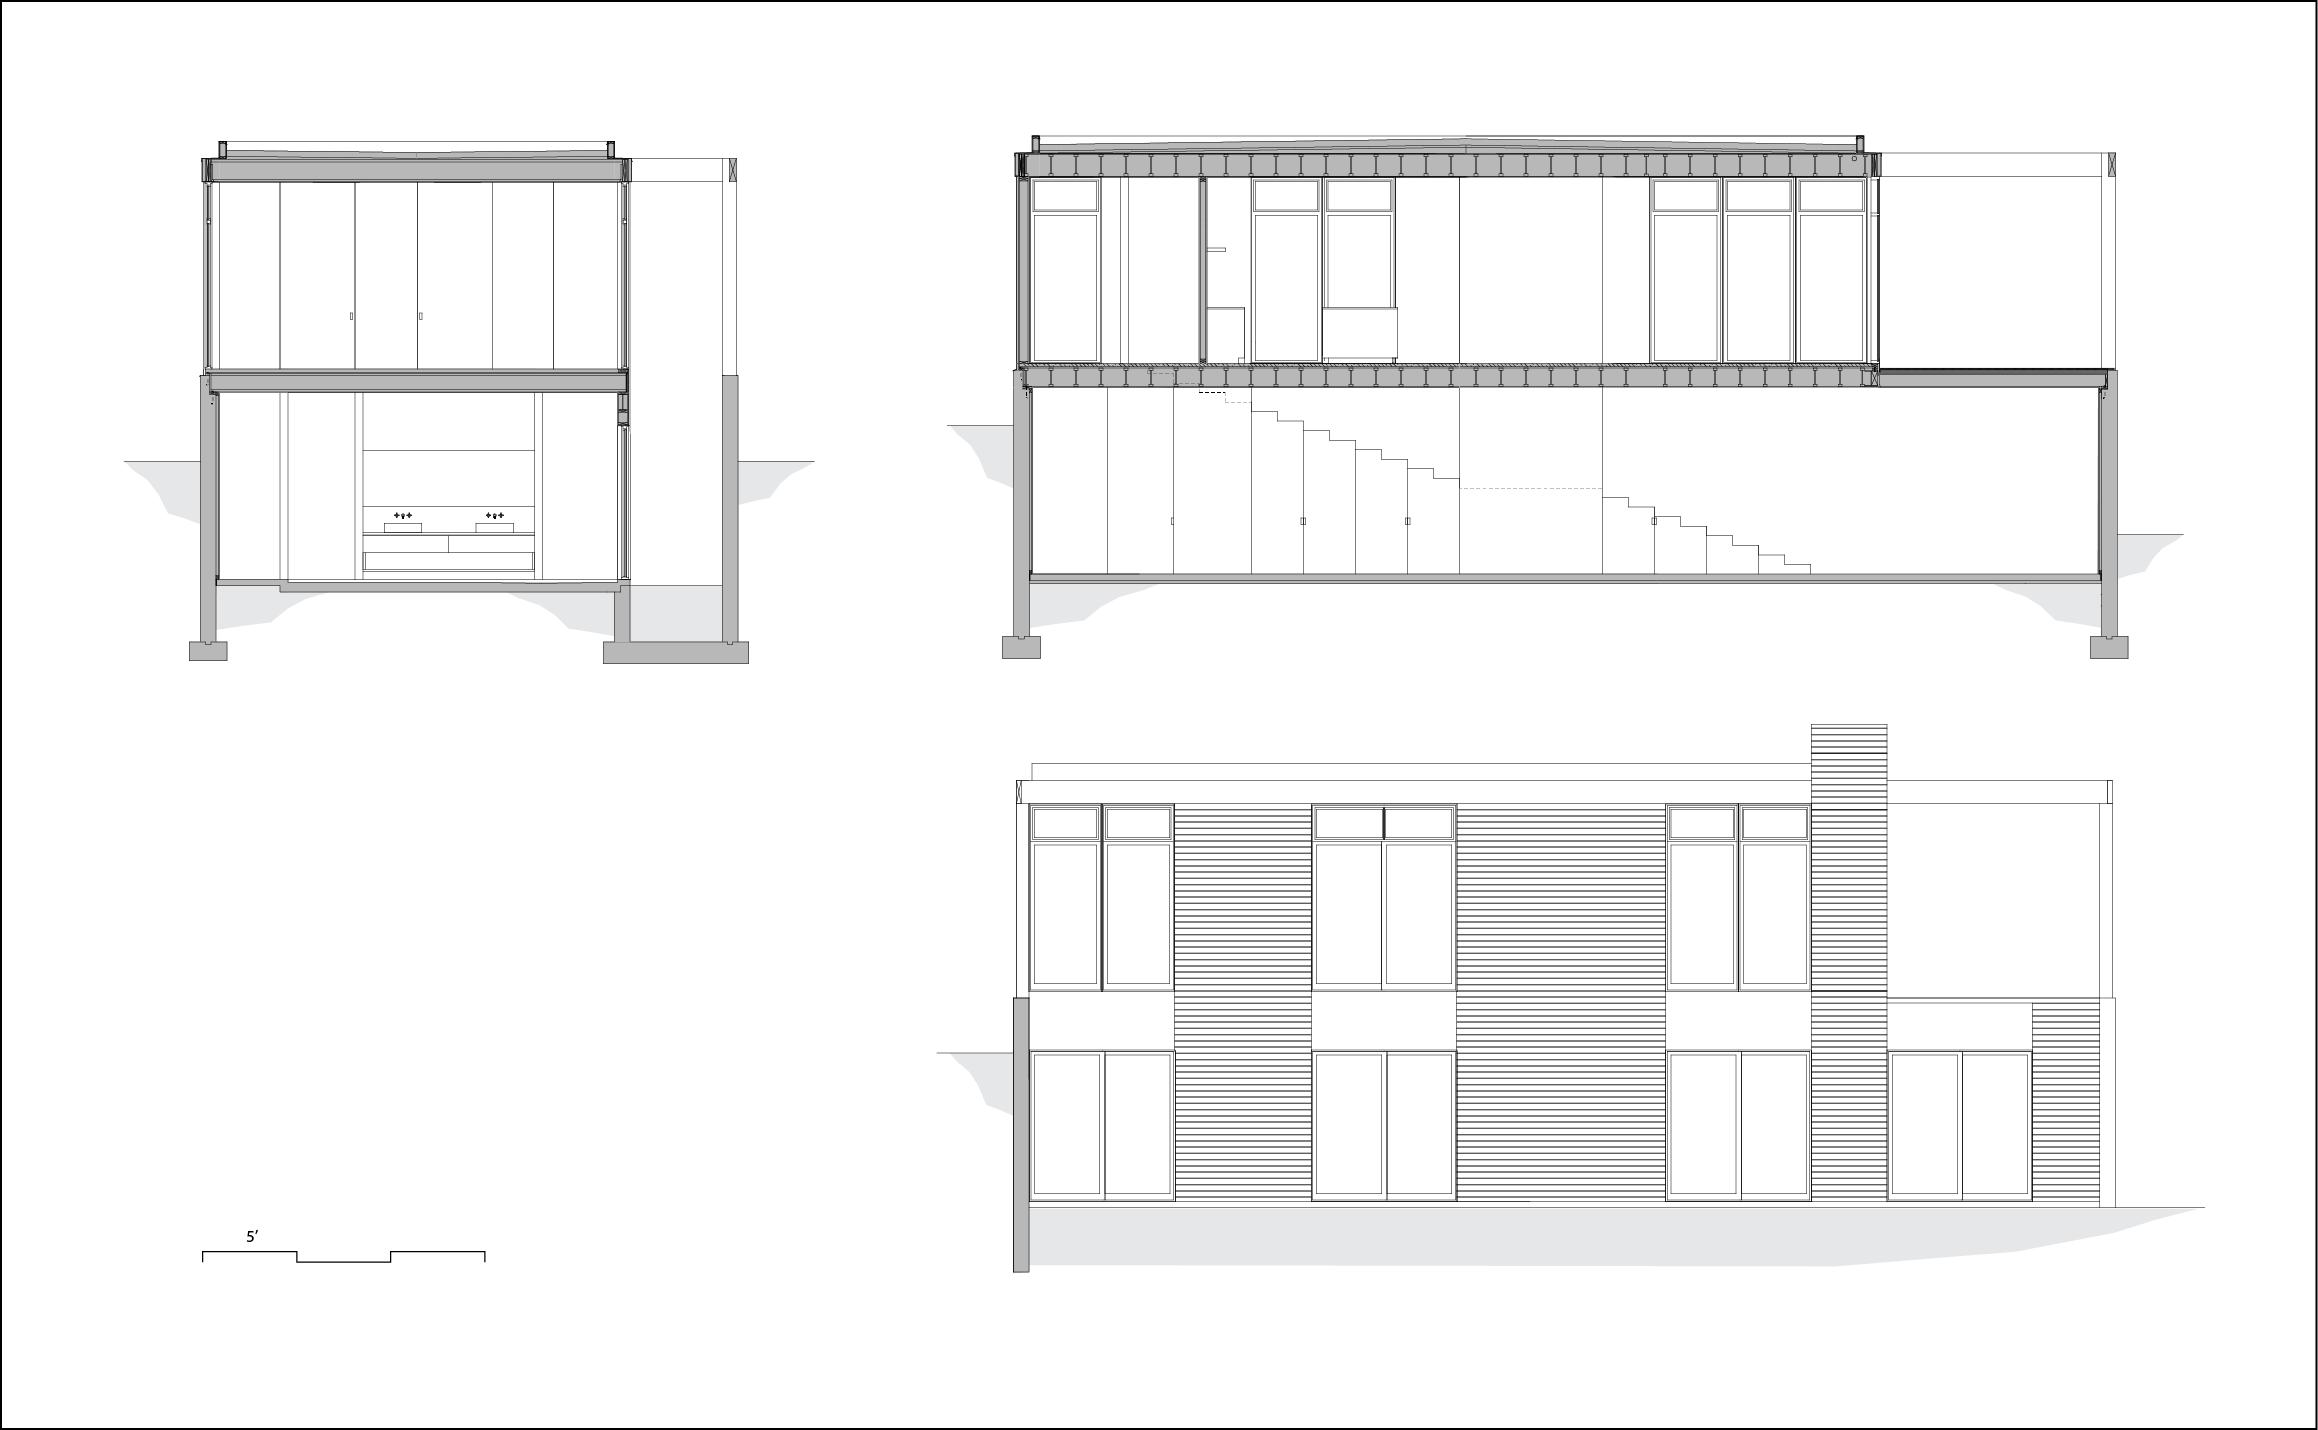 wellfleet-sections.png